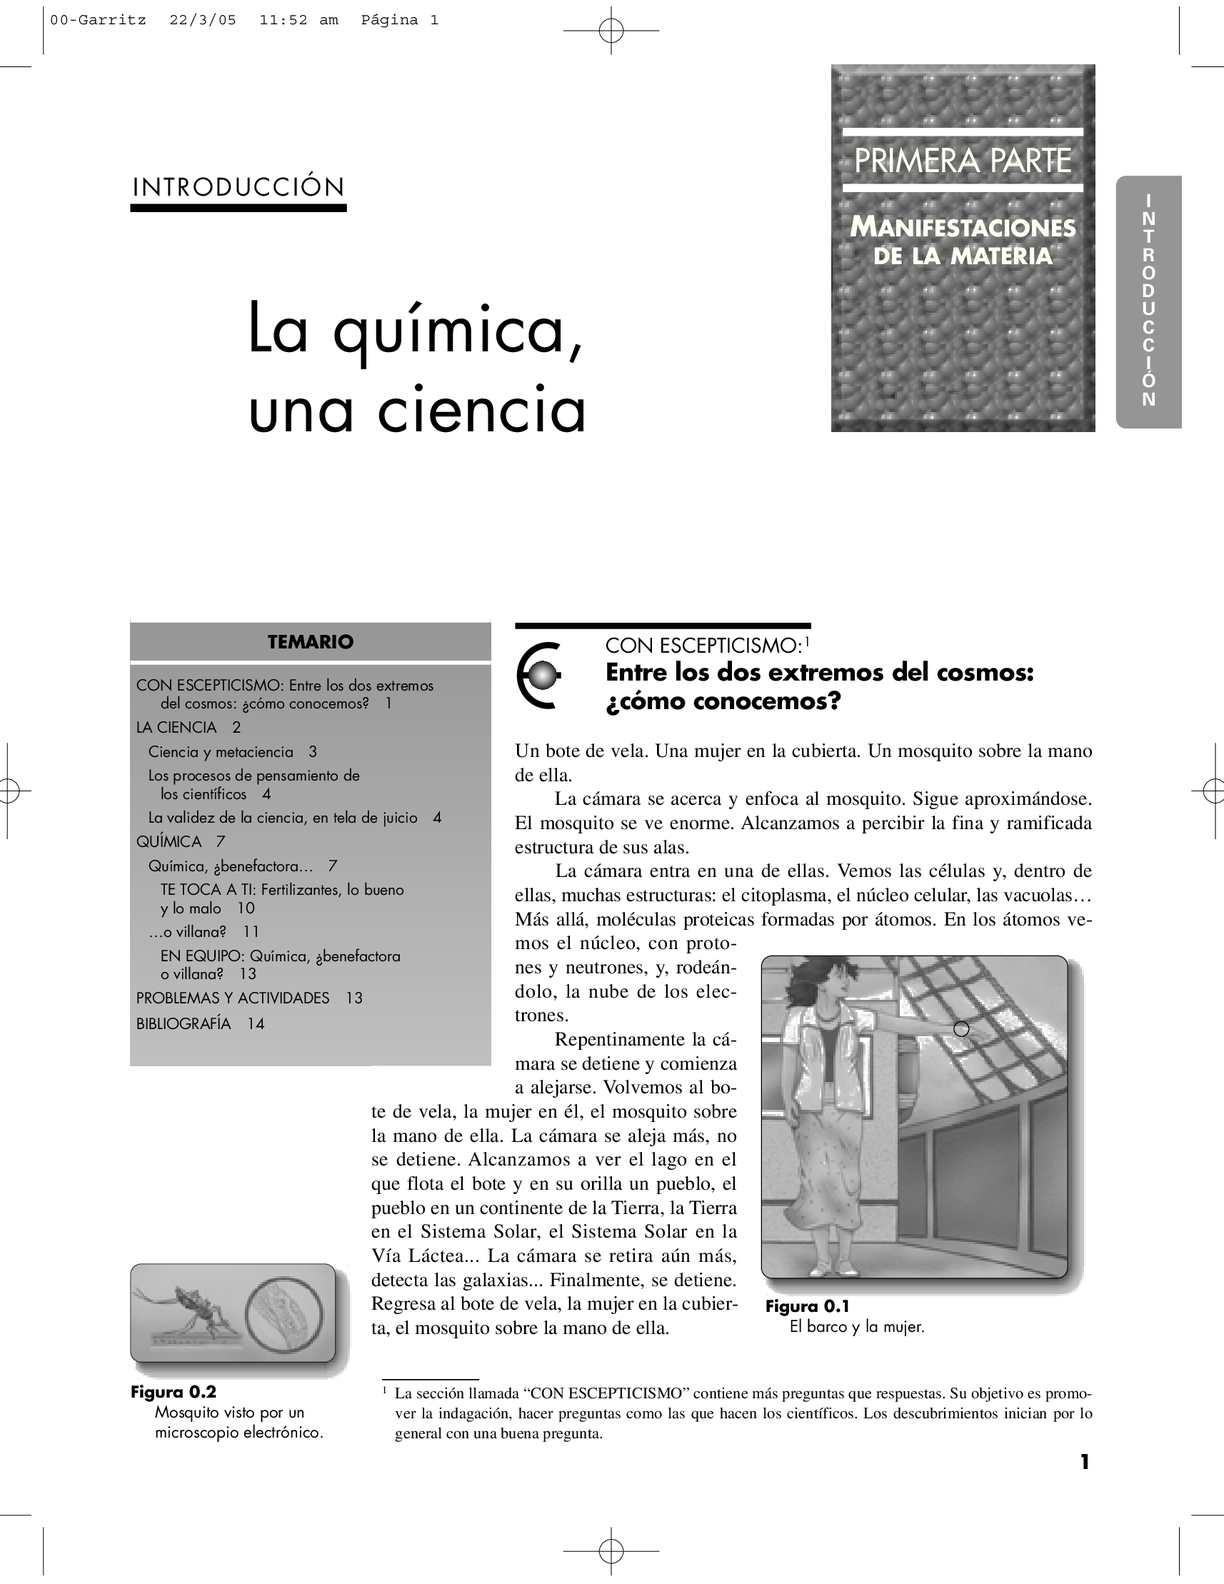 Calaméo - Quimica de Garritz 7ec66ae02299